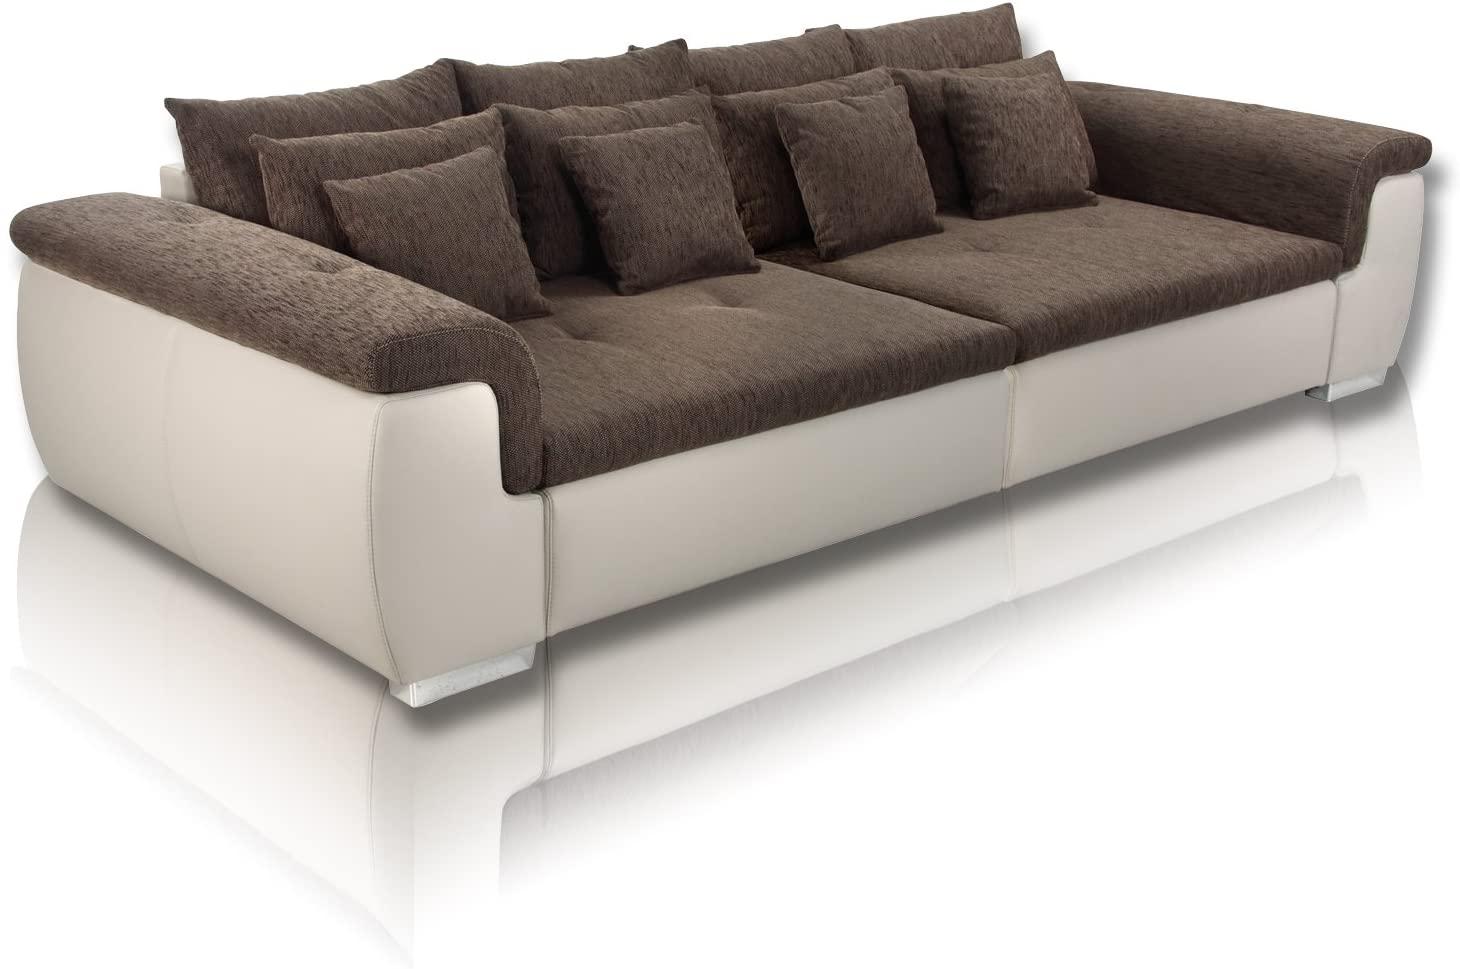 Full Size of Big Sofa Roller Couch Sam Rot Toronto Bei L Form Grau Arizona Kolonialstil Point Creme Landhausstil Home Affaire Höffner Impressionen Rotes Arten Mit Hocker Wohnzimmer Big Sofa Roller